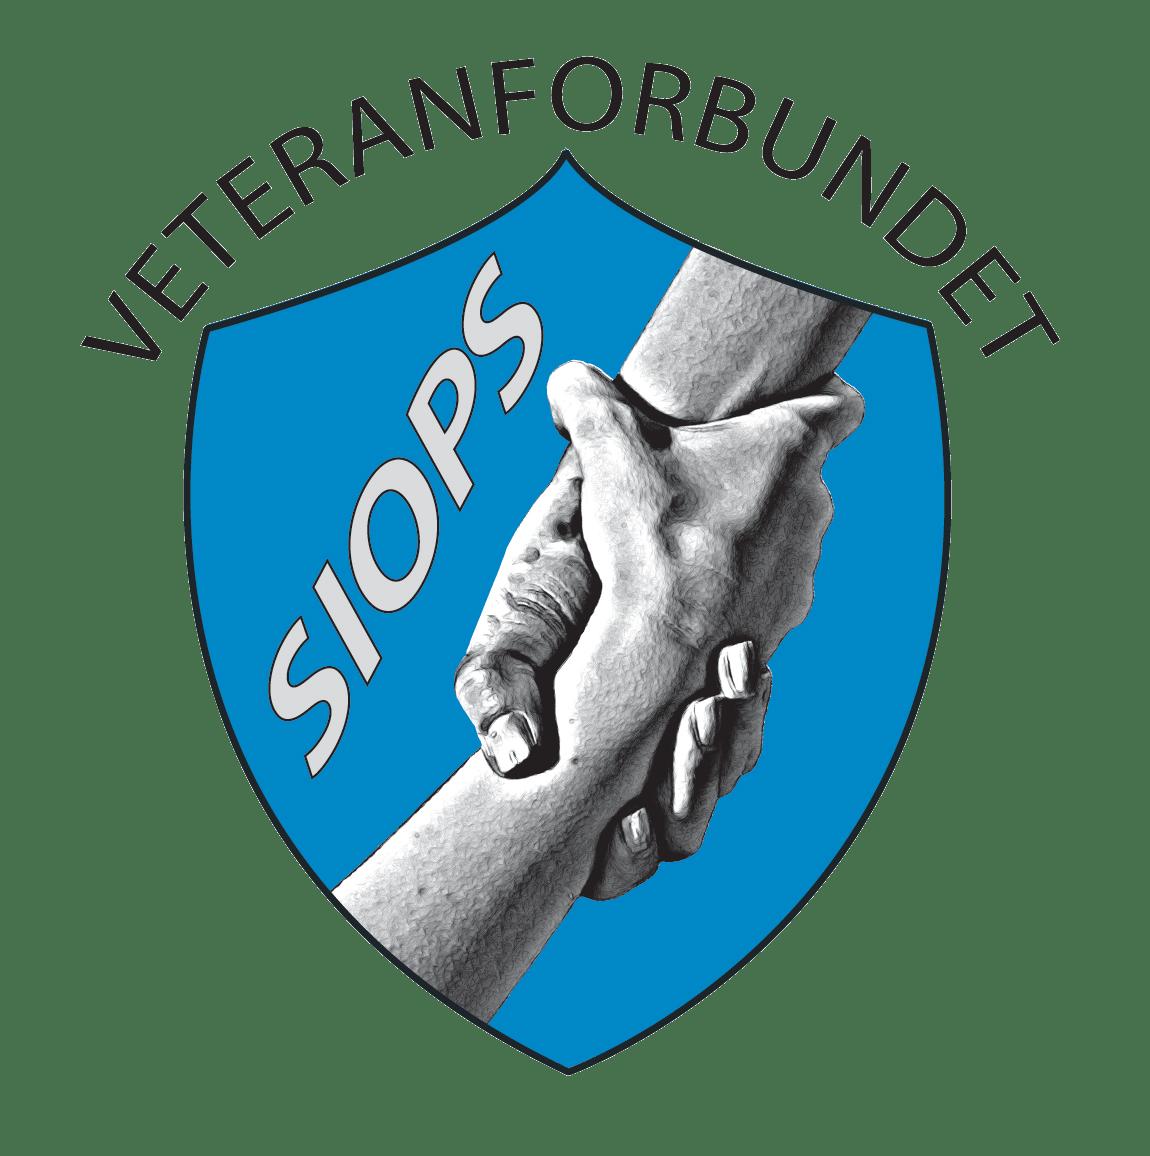 Veteranforbundet SIOPS